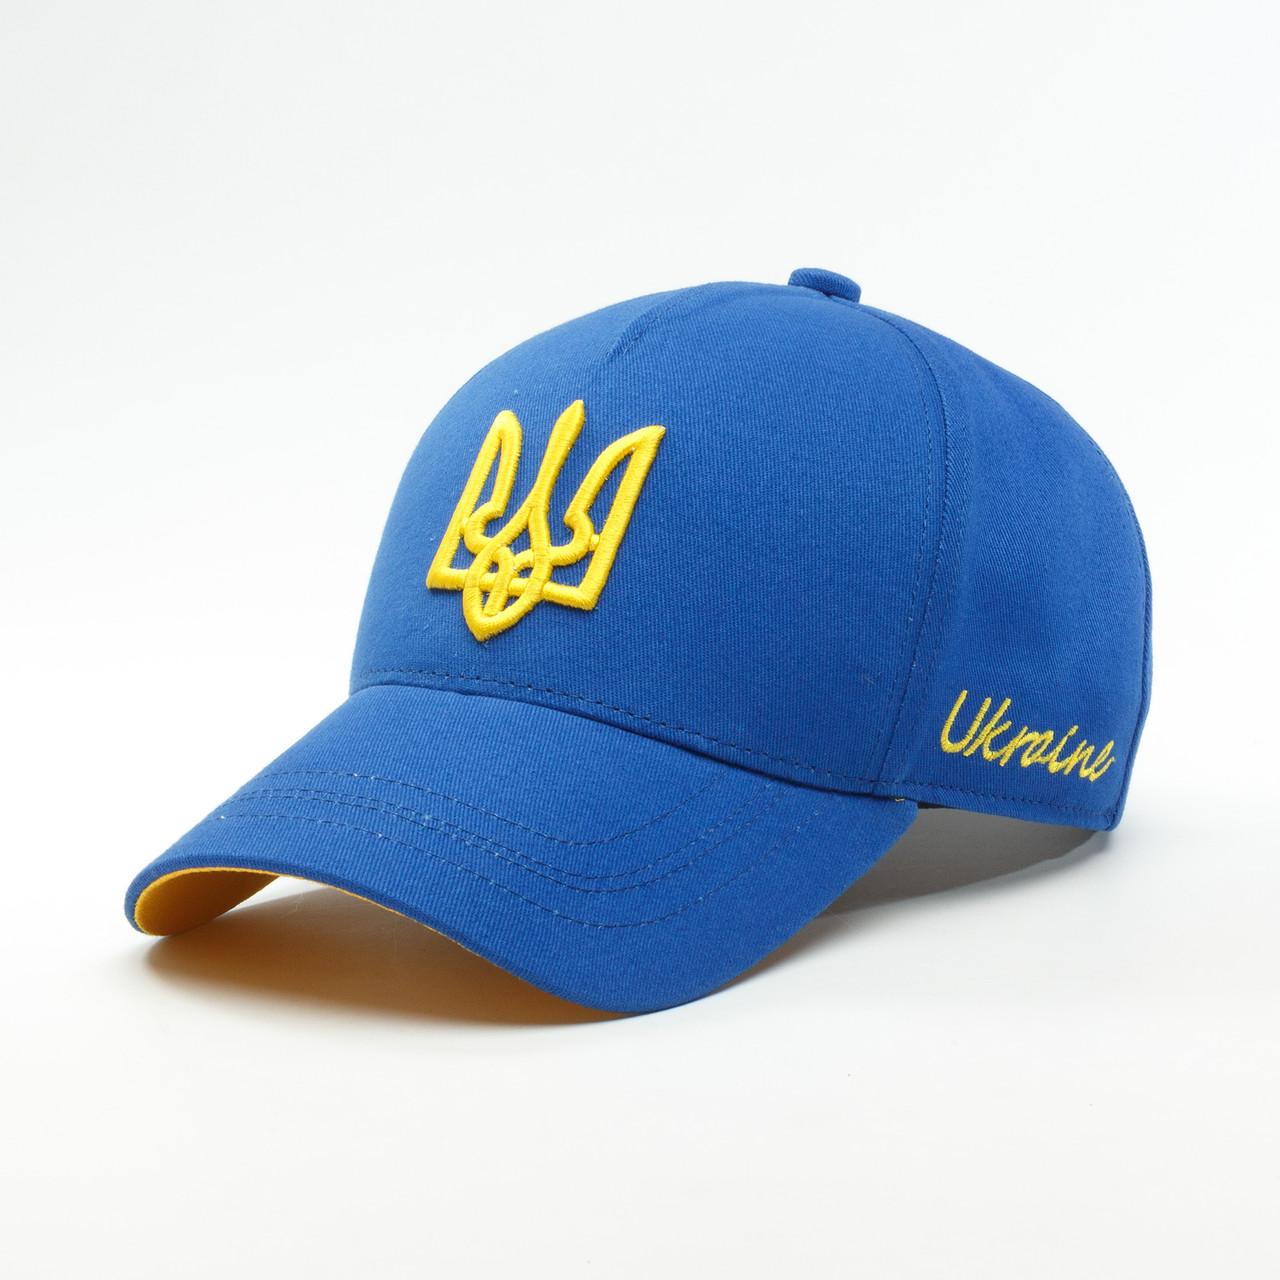 Детская кепка бейсболка INAL с гербом Украины XS / 51-52 RU Cиний 245951